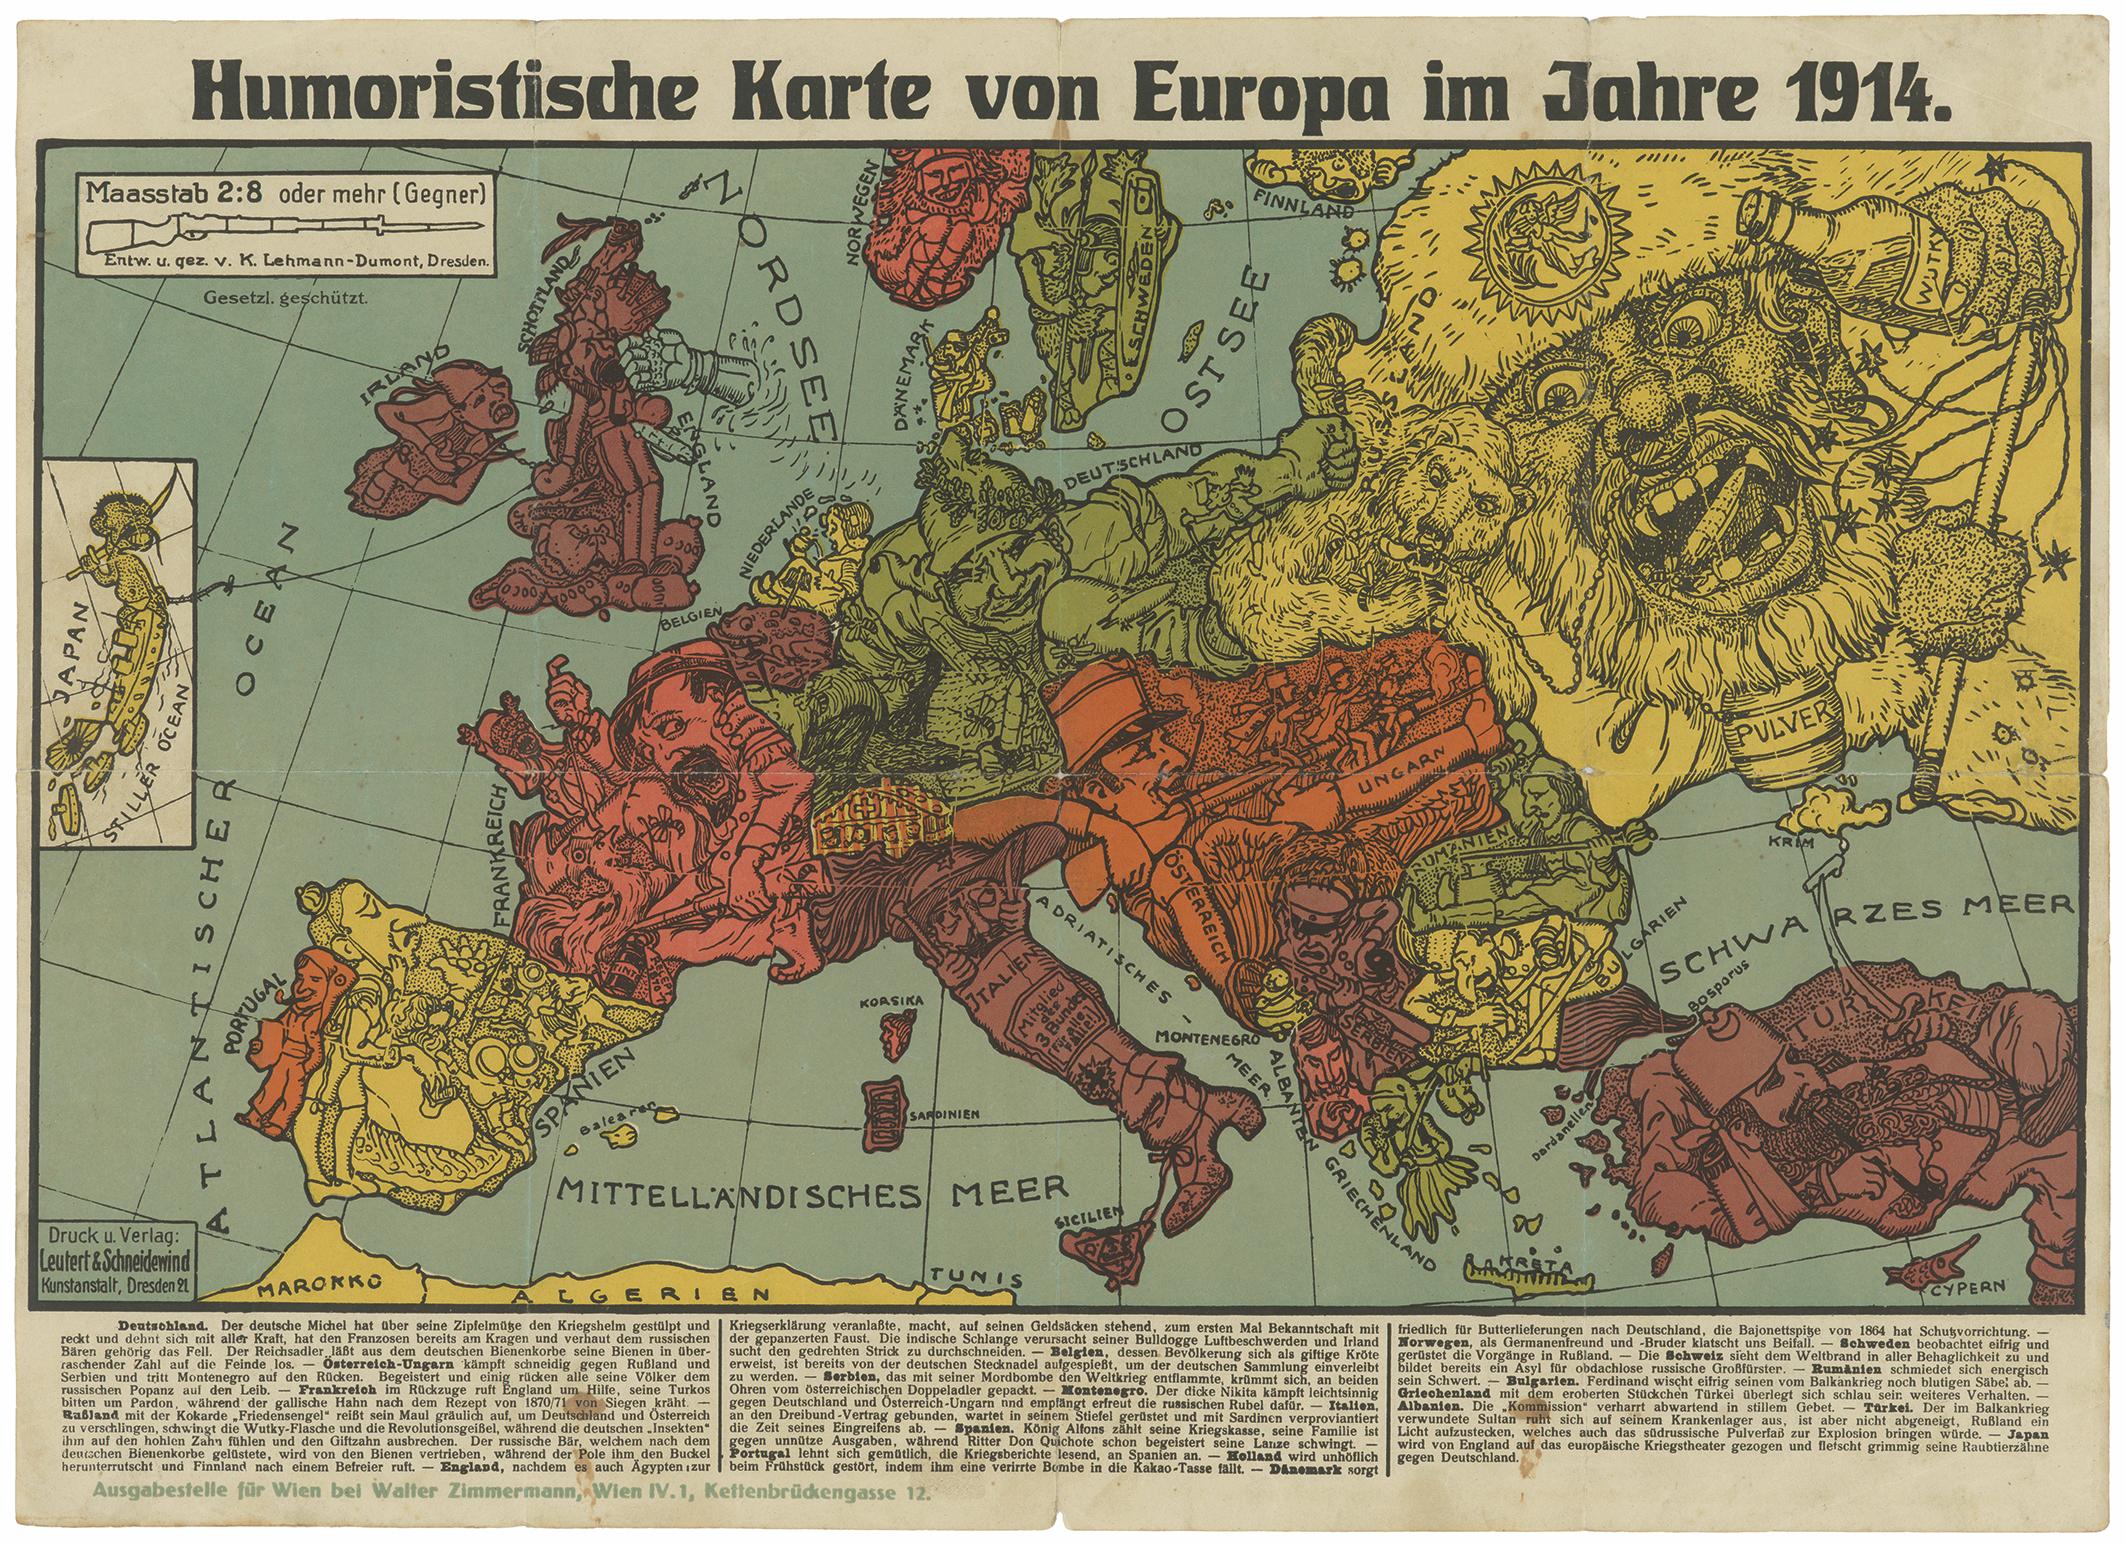 Humoristische Karte von Europa im Jahre 1914 (Leihgabe des Stadtmuseums Judenburg)